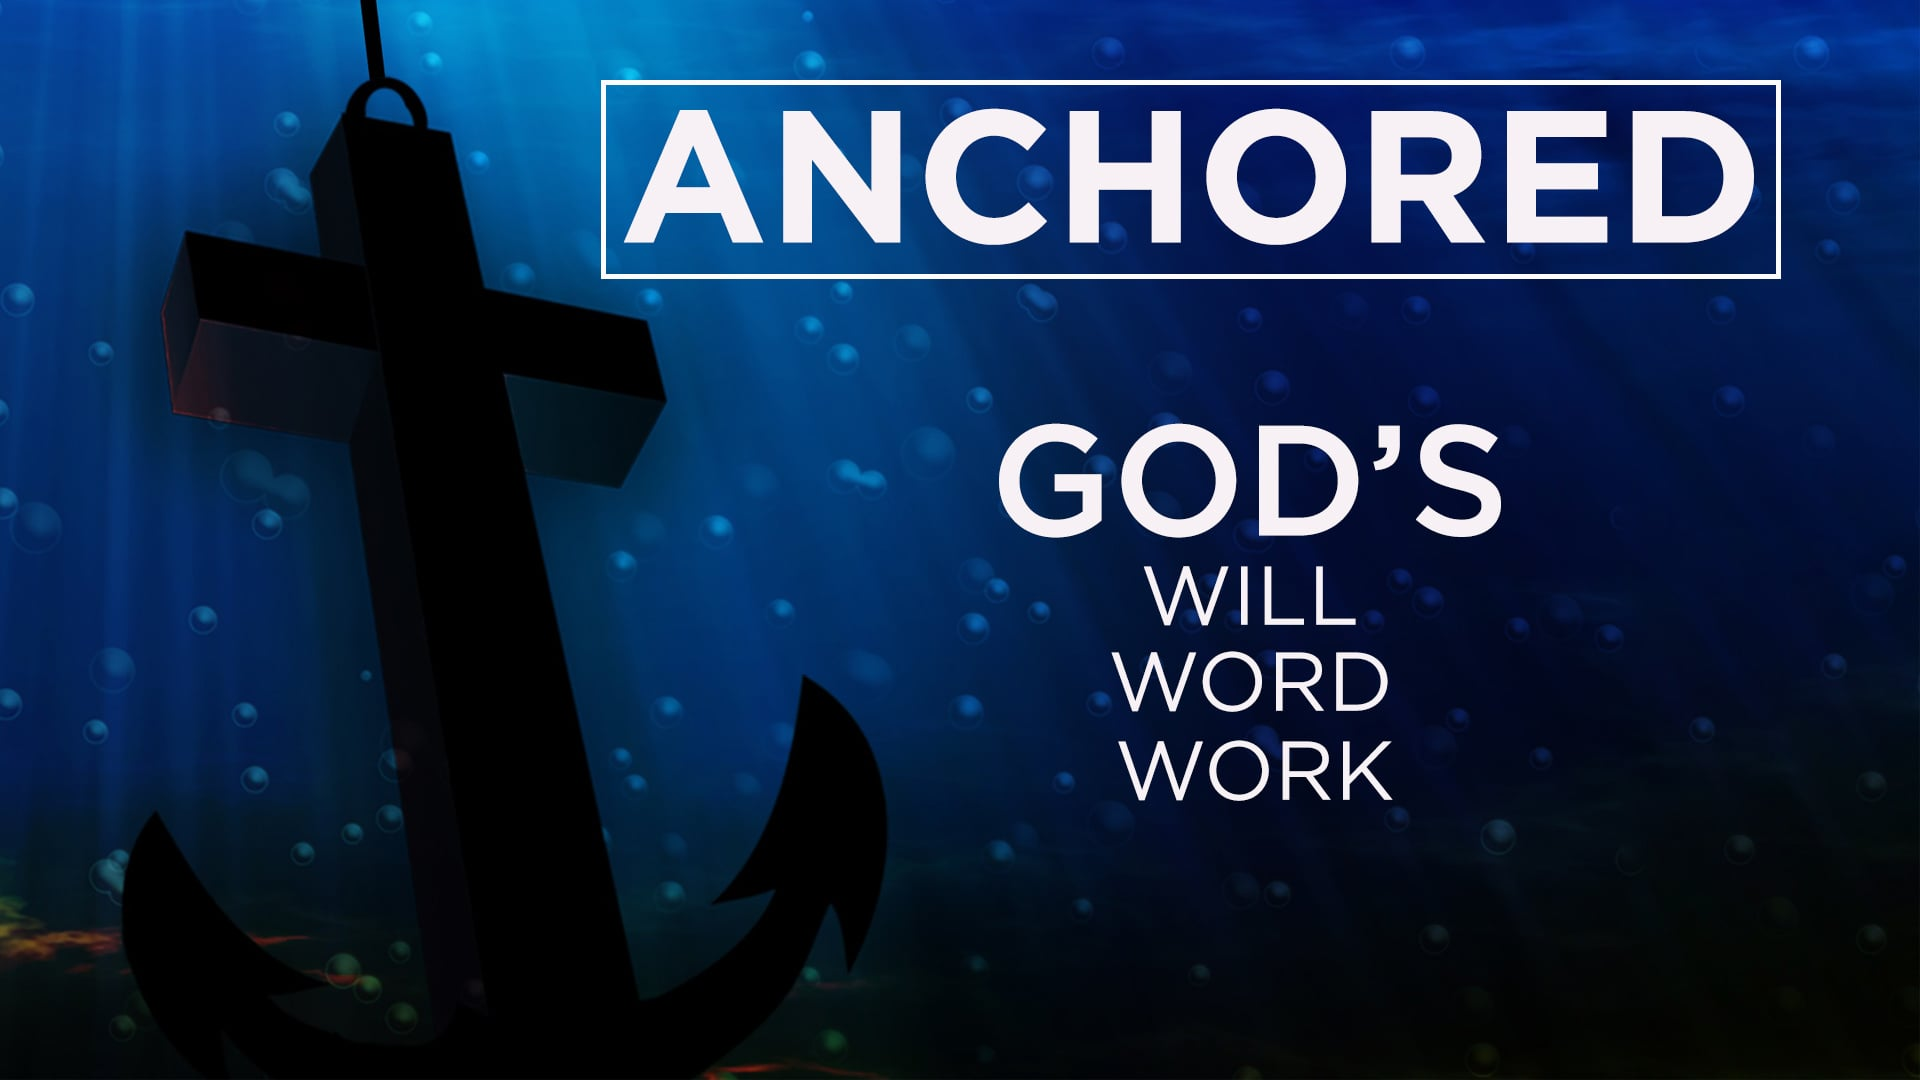 Anchored in God's Love